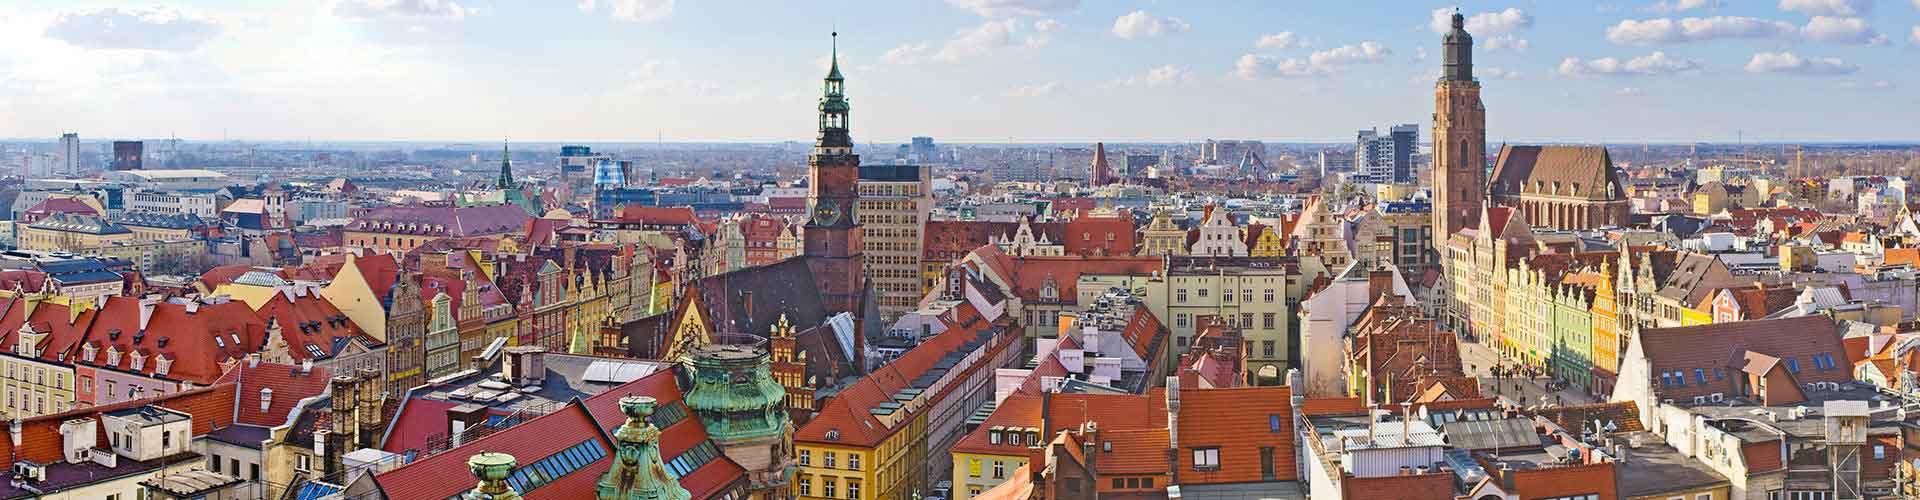 Wroclaw - Zelten in Wroclaw. Wroclaw auf der Karte. Fotos und Bewertungen für jeden Zeltplatz in Wroclaw.